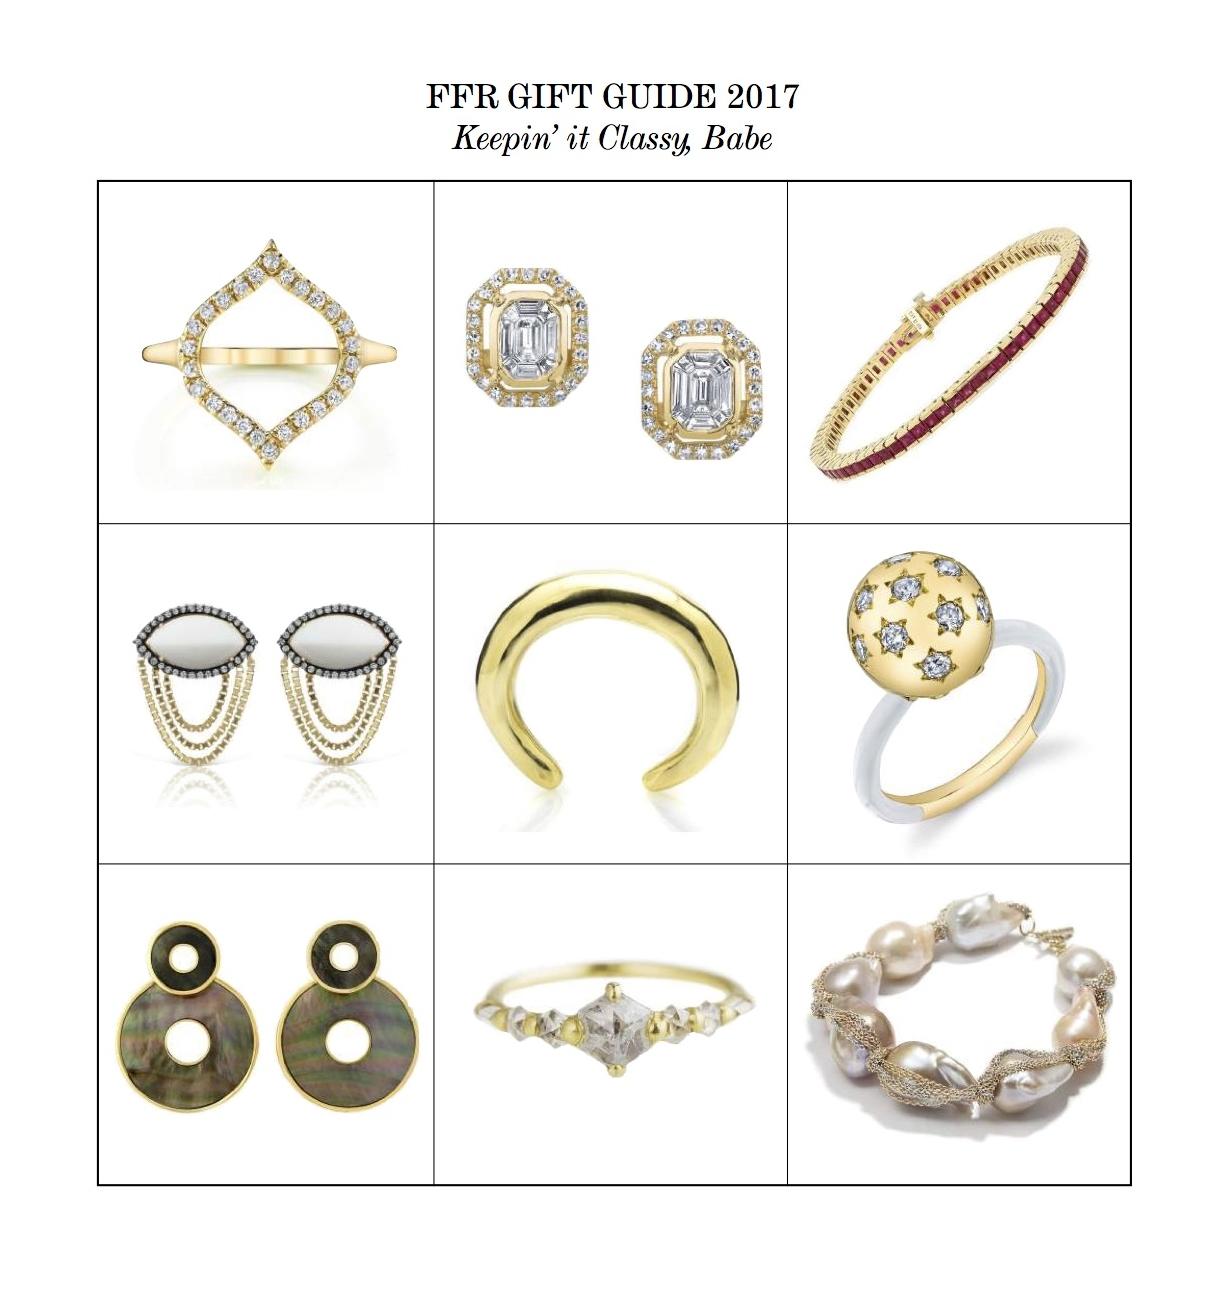 Classy gift guide jpg.jpg